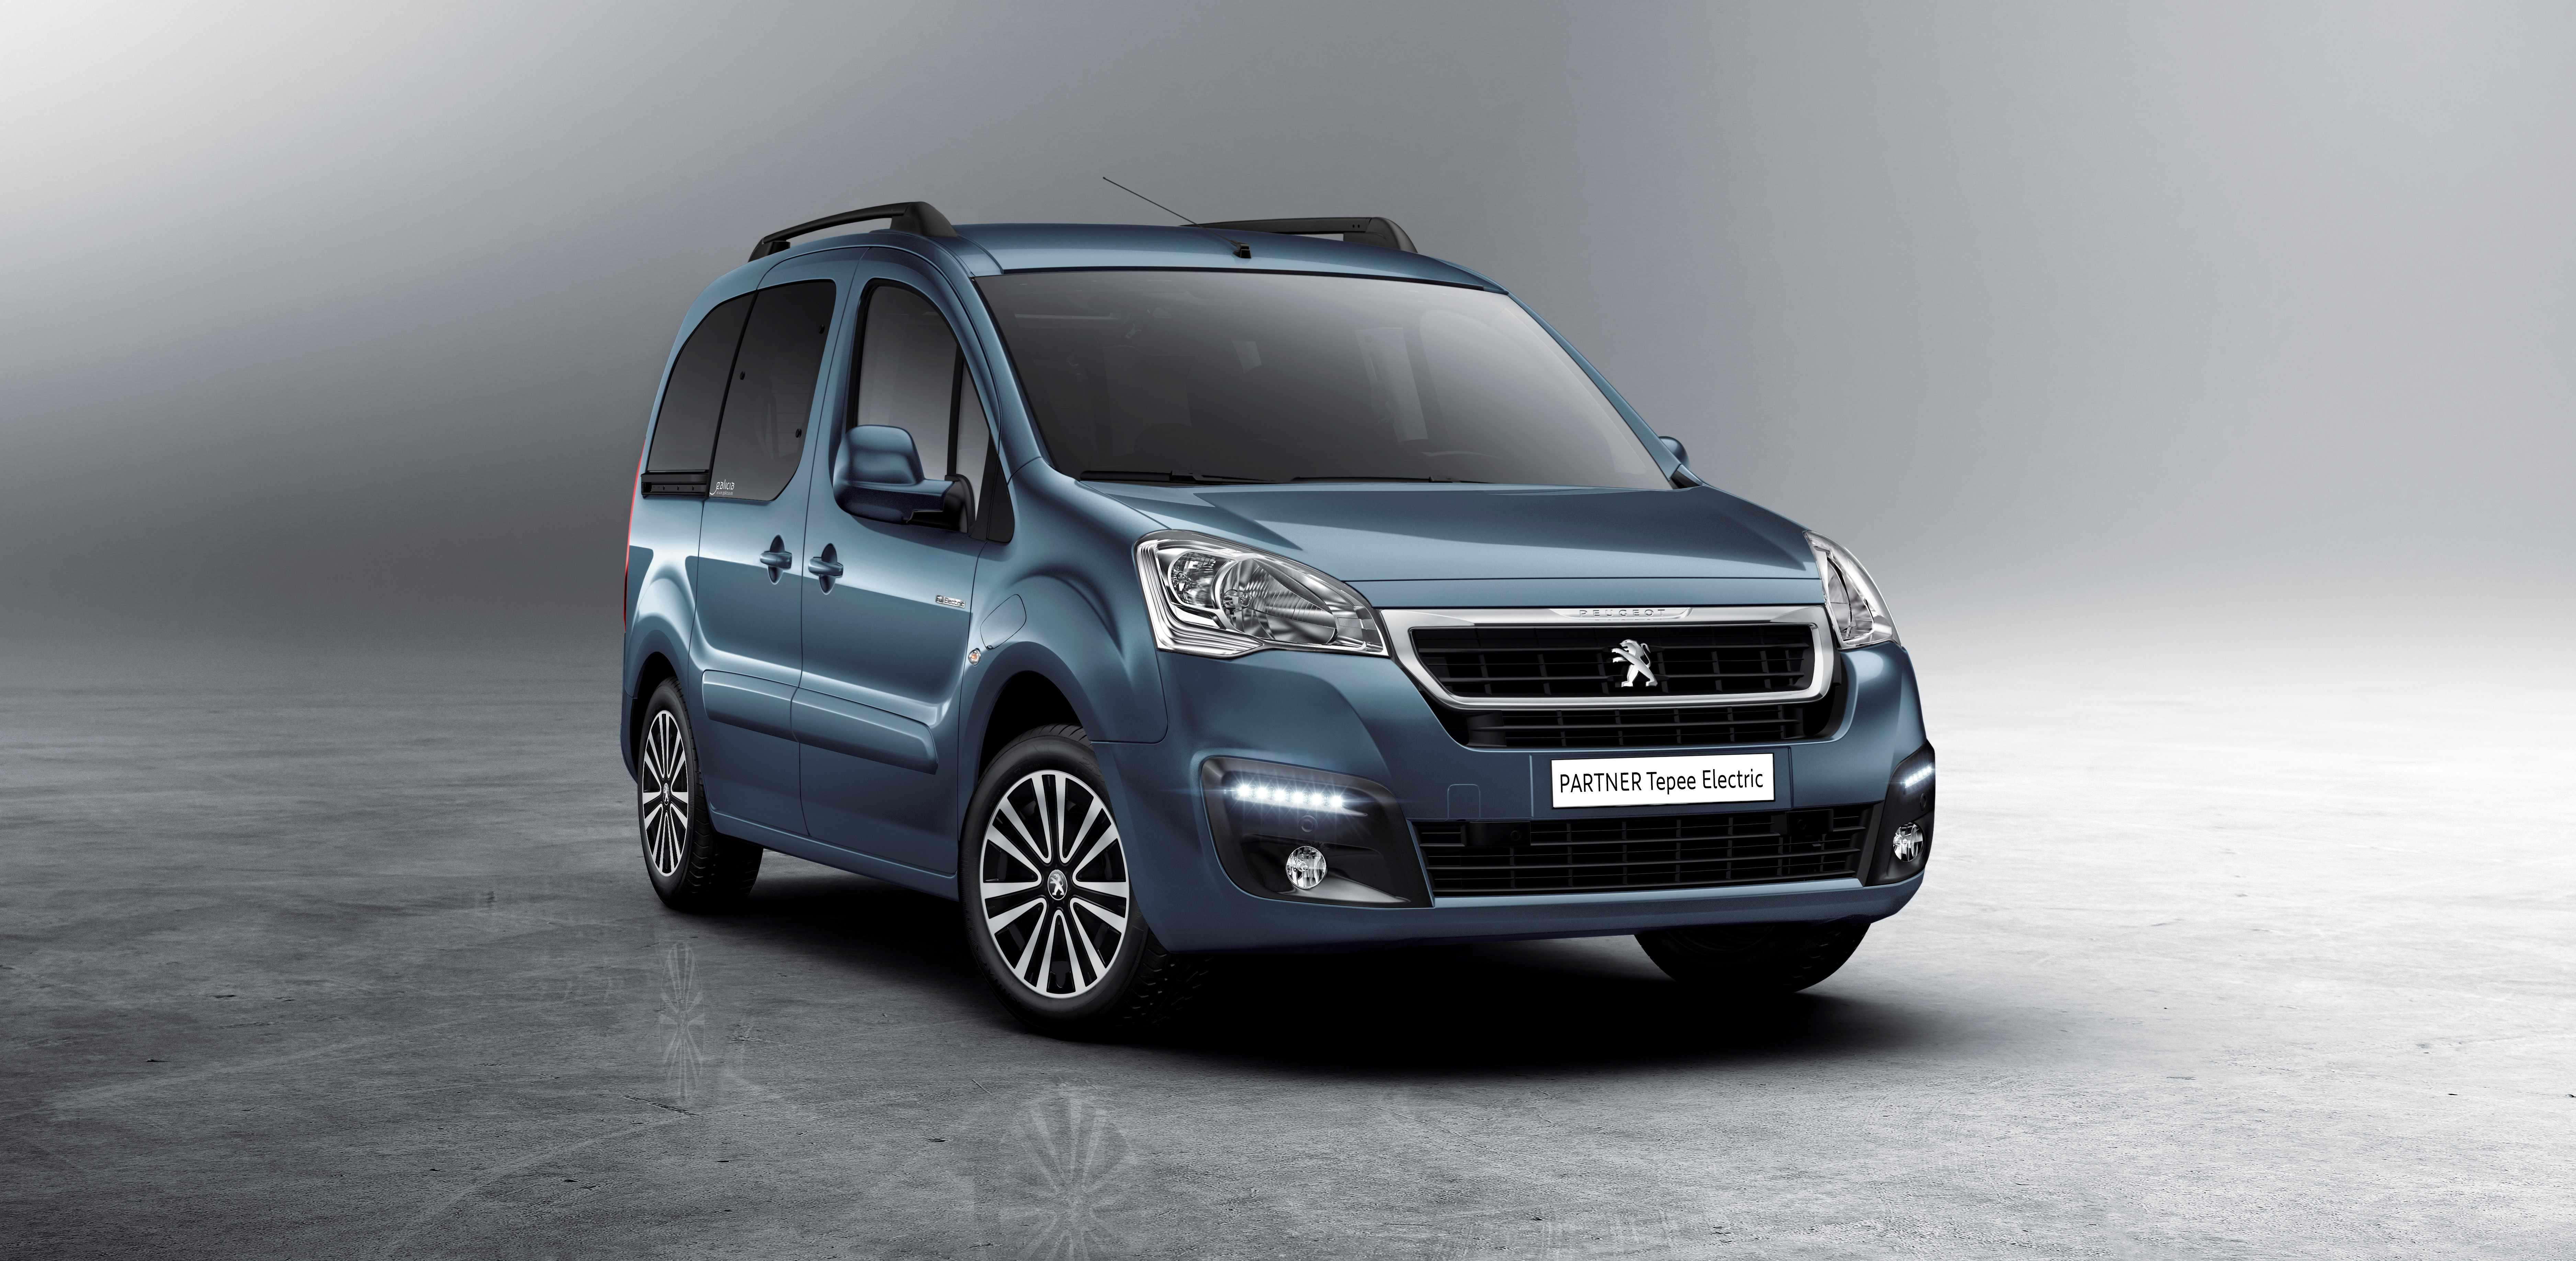 Beste laadpaal voor Peugeot Partner Tepee Electric?